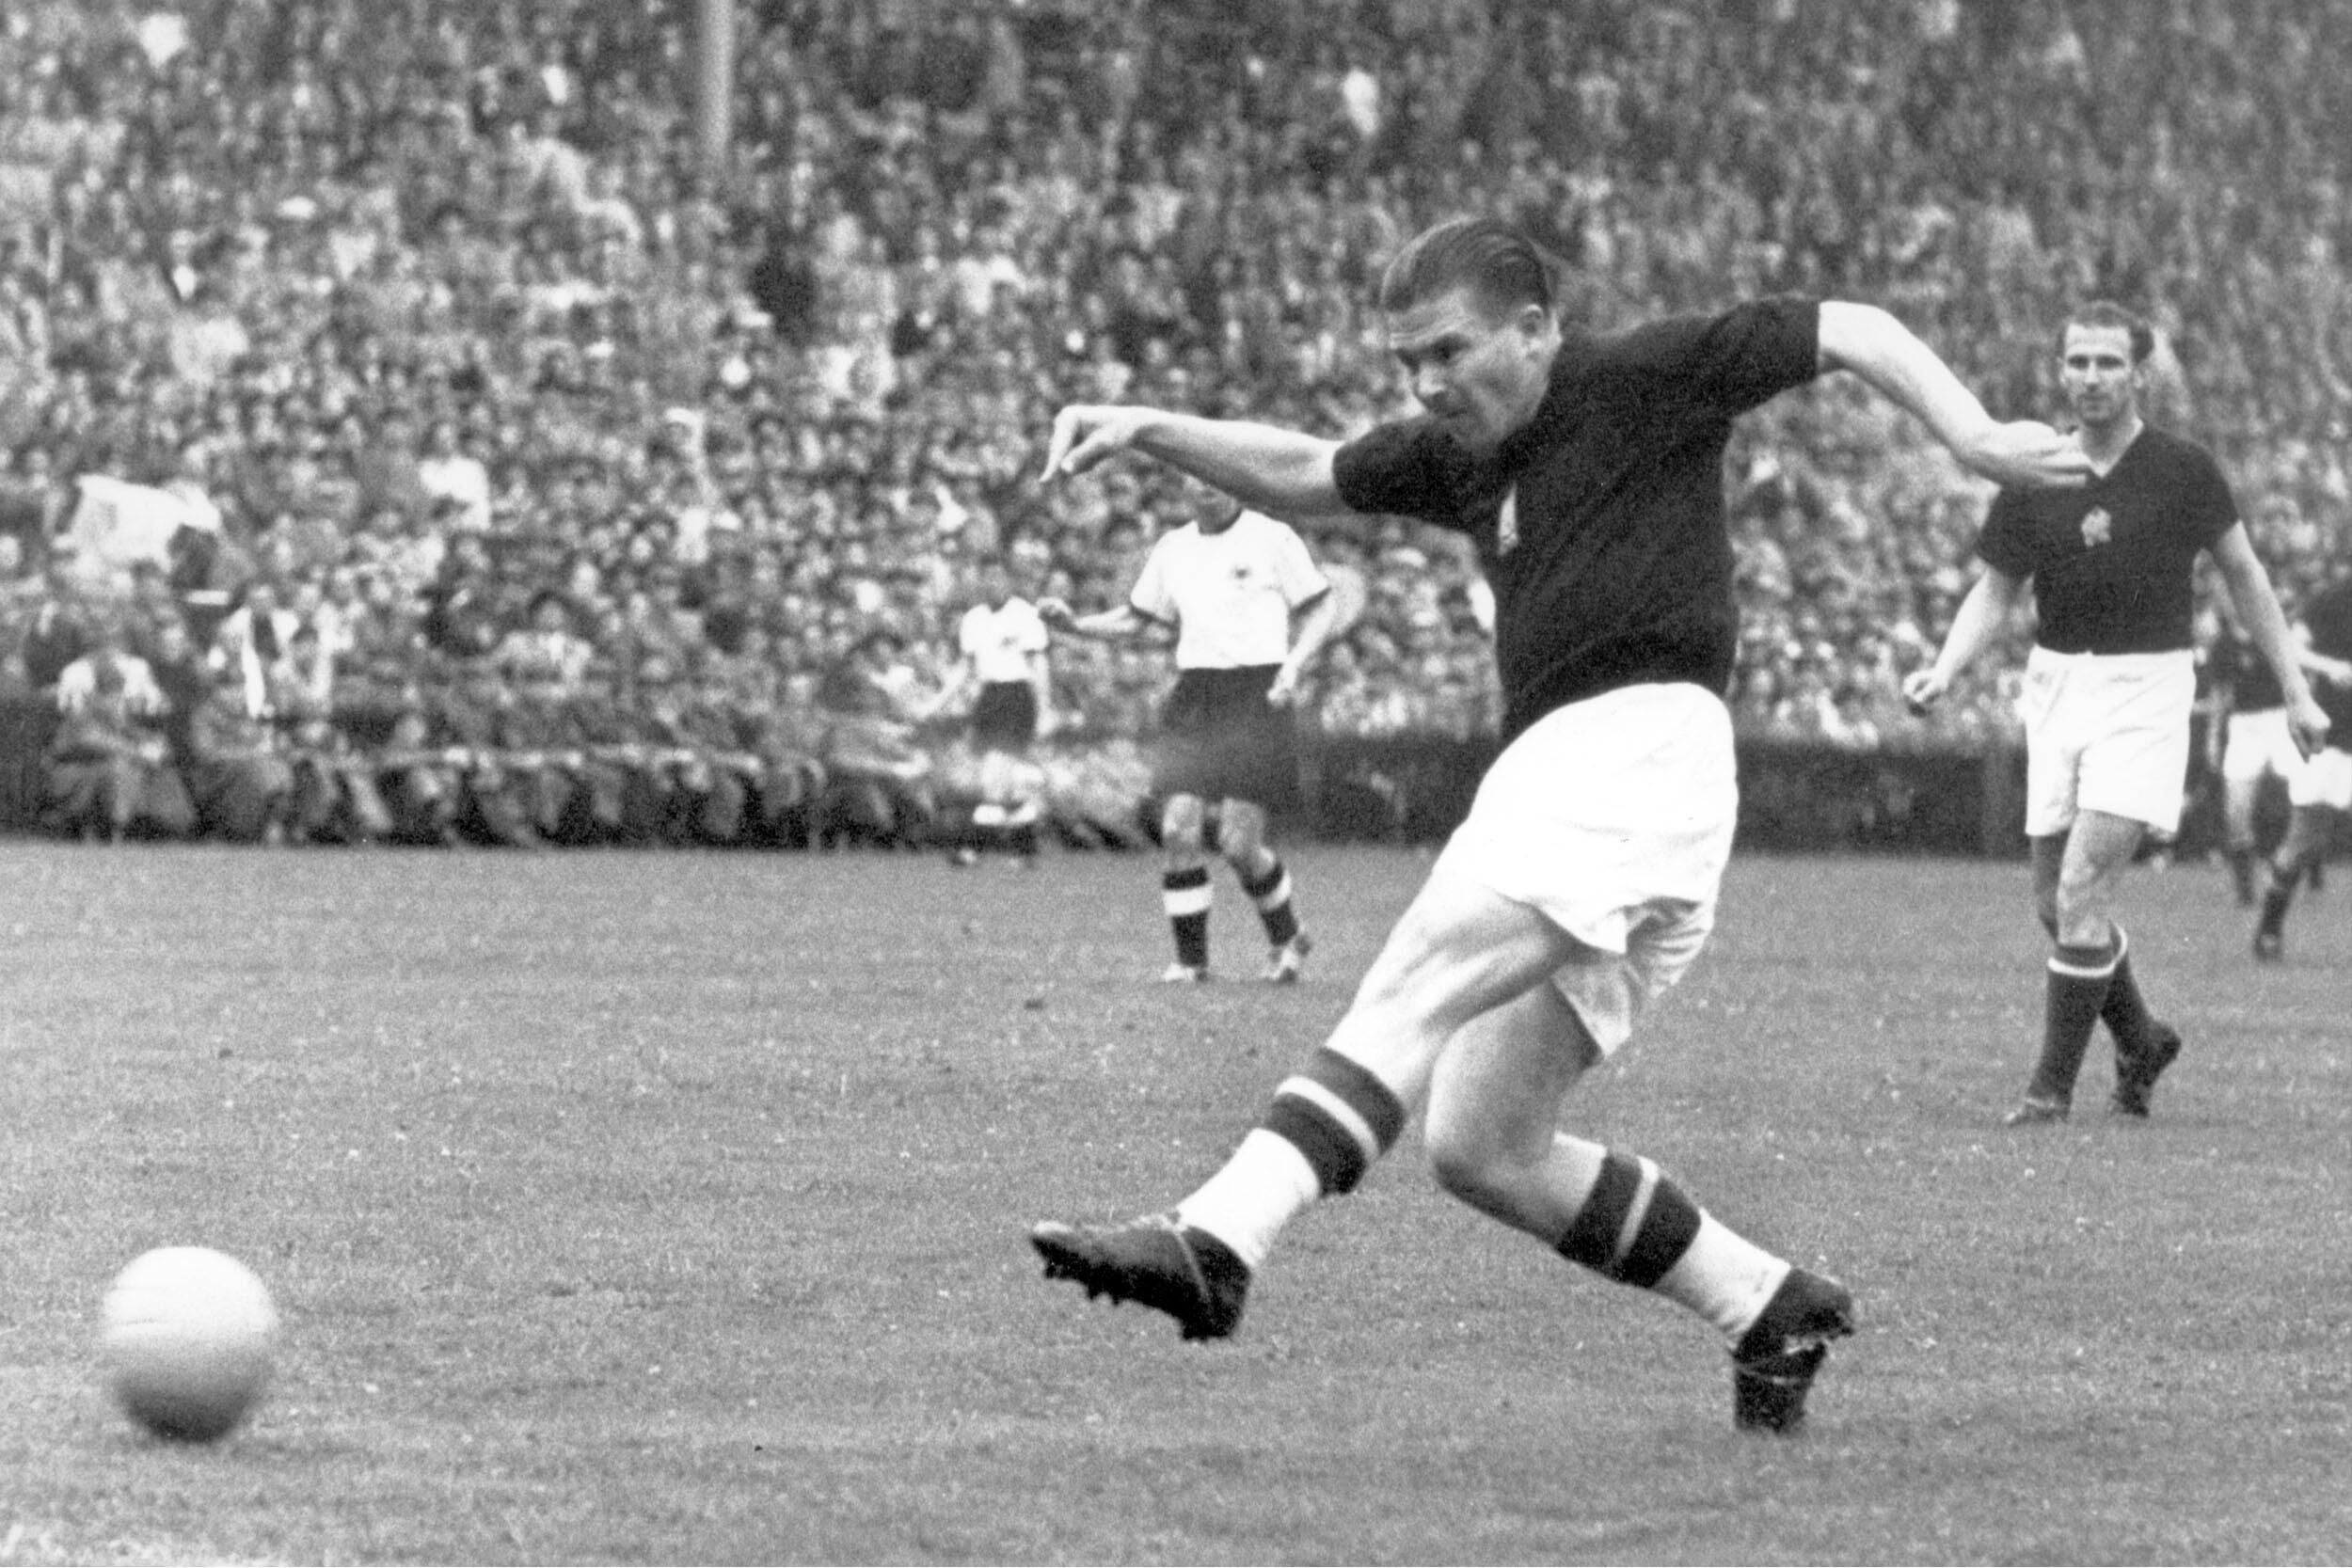 Bild zu WM 1954, Bern, Schweiz, Deutschland, Ungarn, Endspiel, Finale, Bern, Ferenc Puskas